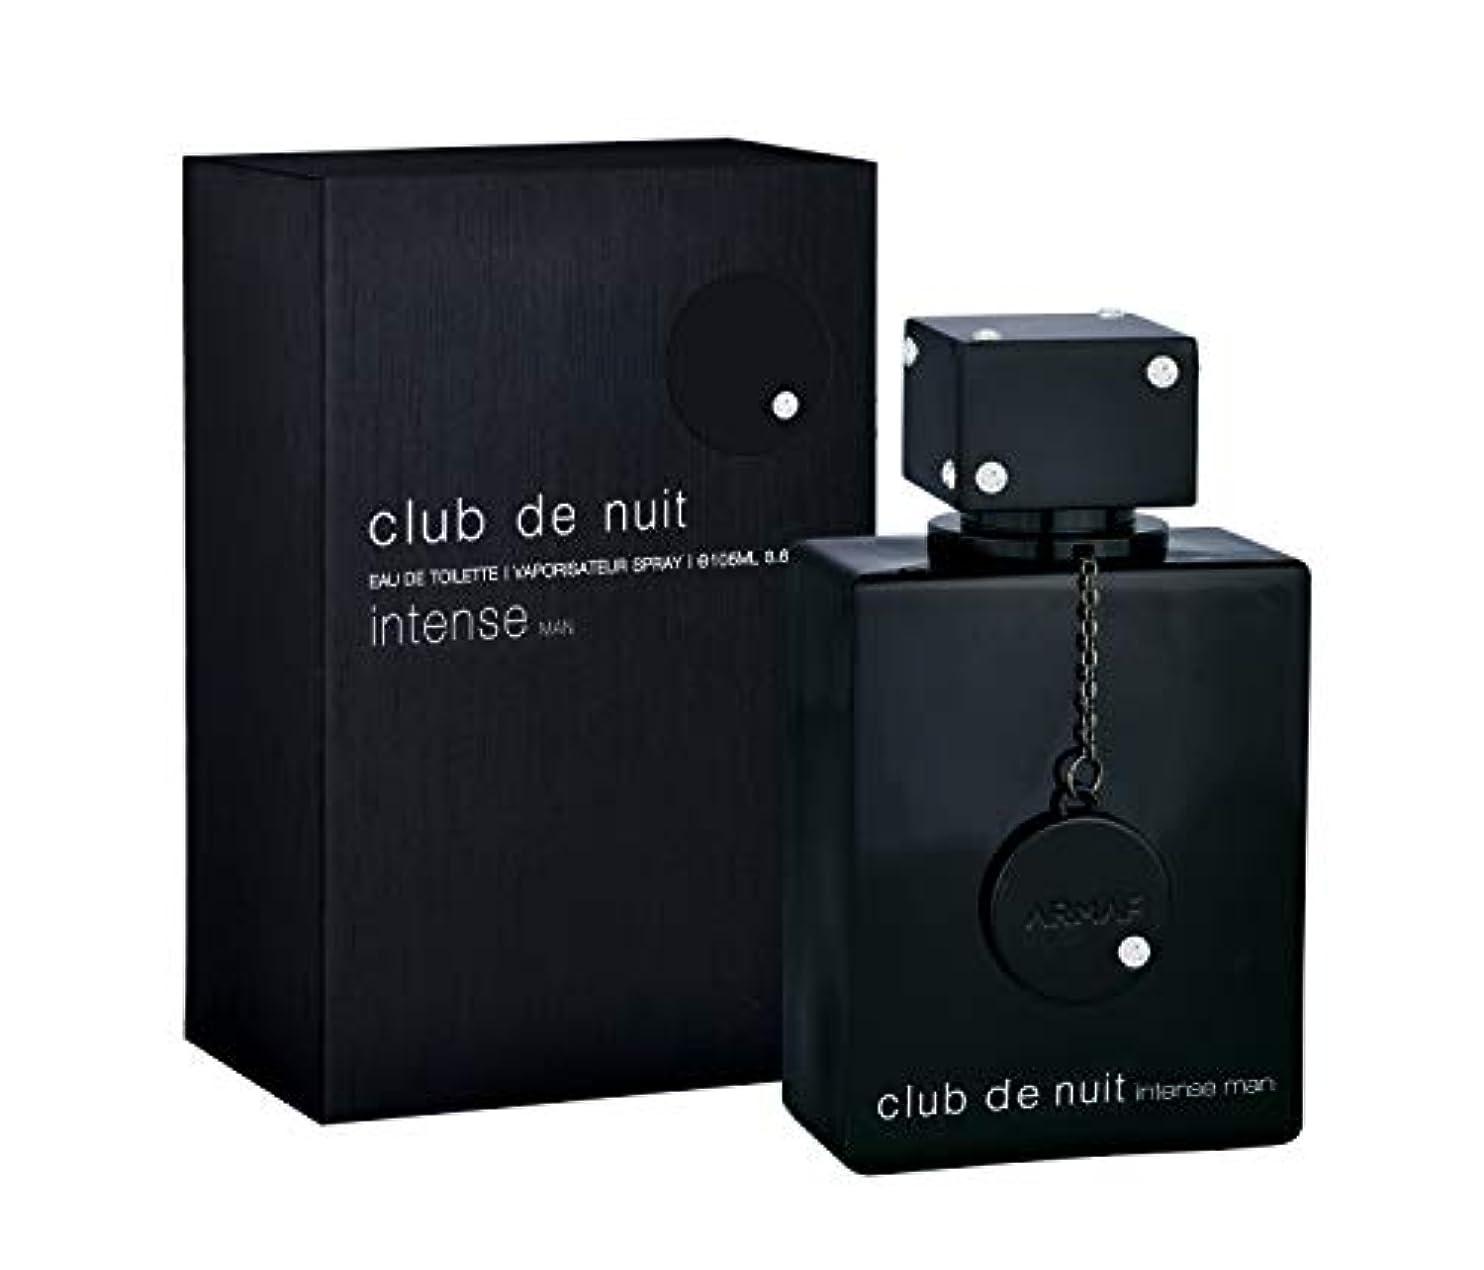 原稿間違えたユーモラスArmaf club de nuit men intense Perfume EDT Eau De Toilette 100 ml Fragrance